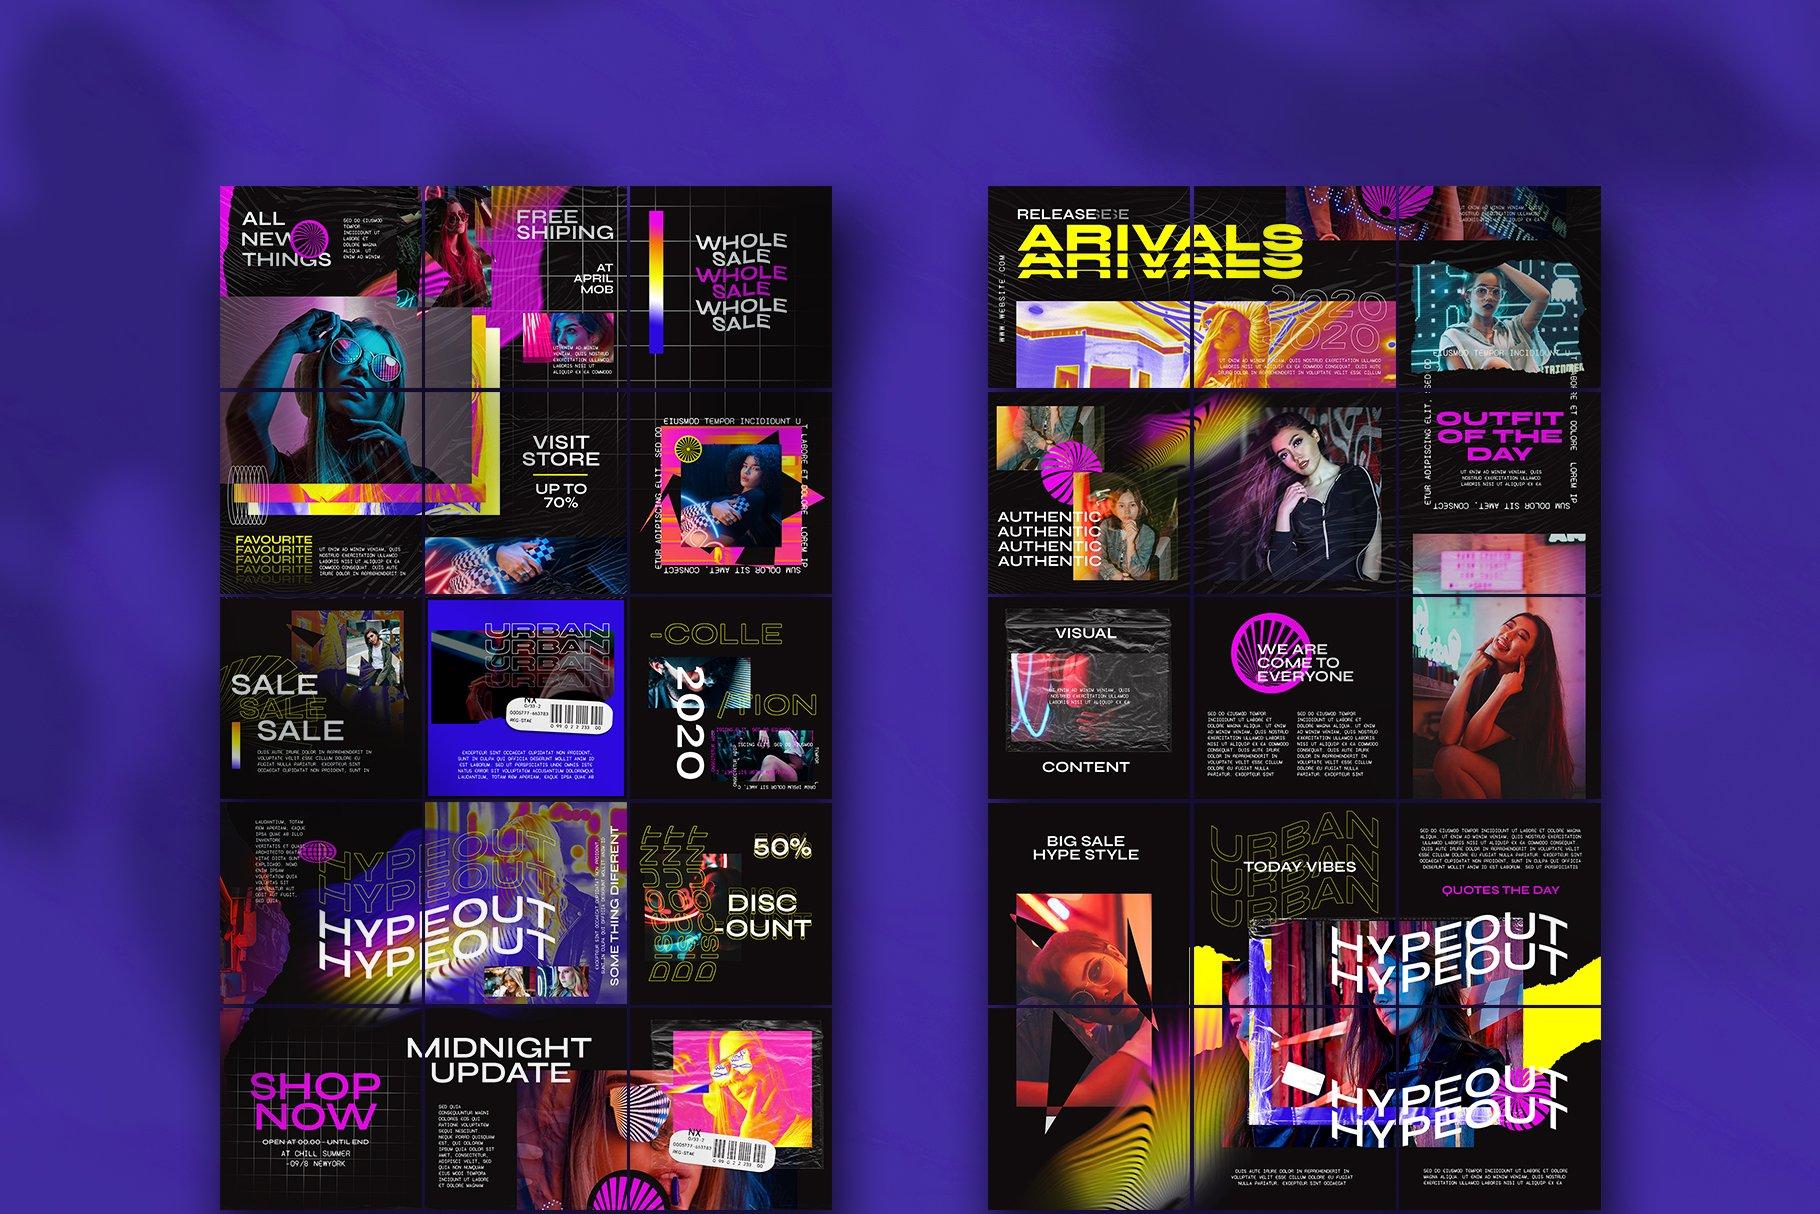 潮流品牌推广新媒体海报设计PSD模板 Hype Content Puzzle Instagram Feed插图(1)